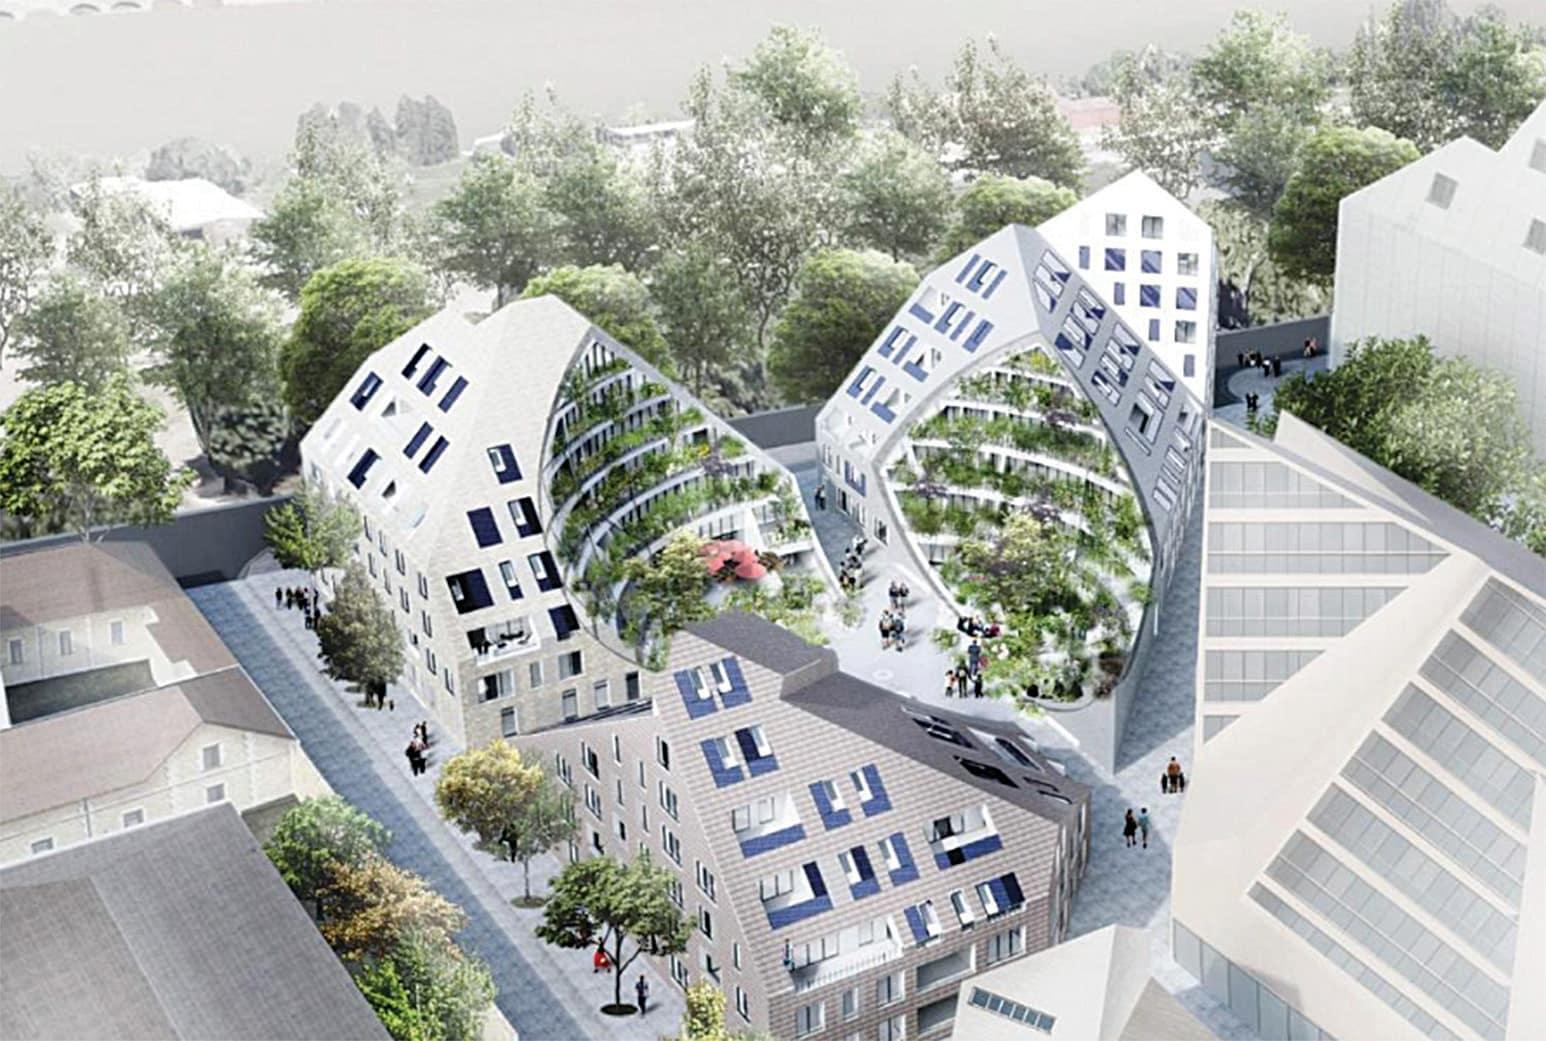 Immobiliare Sant Andrea Concorezzo bordeaux sarà un modello immobiliare e urbanistico - il sole